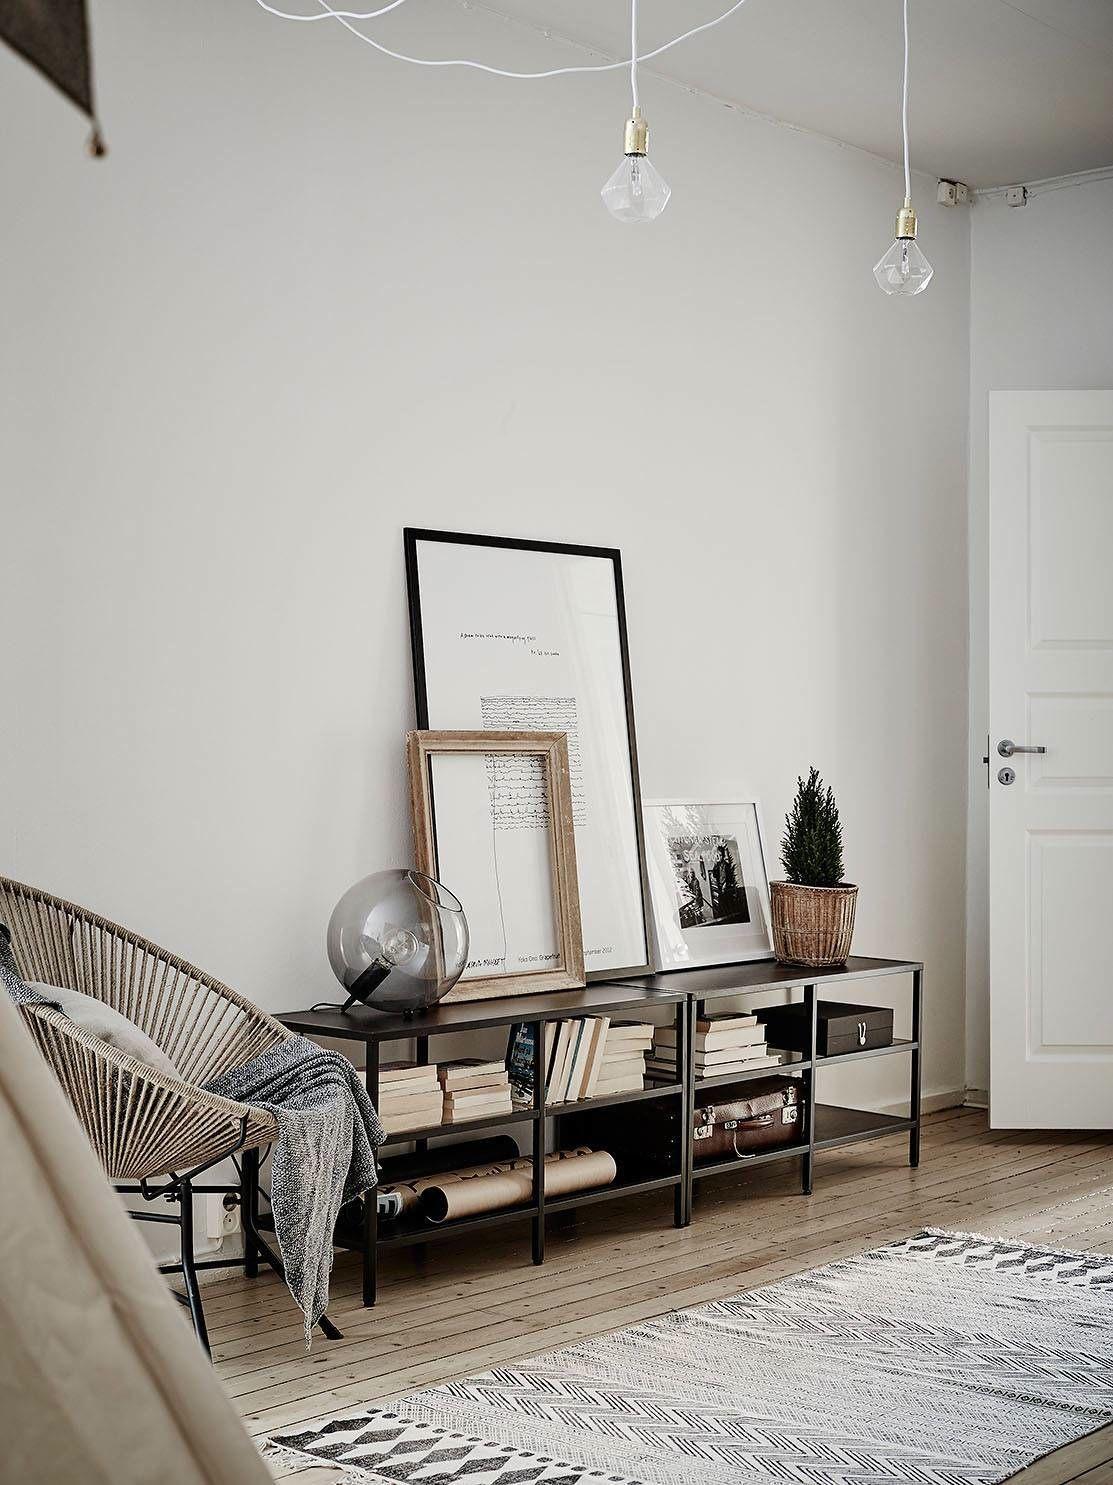 Skandinavien, Einrichtung, interior, wohntrend, Scandinavian Inneneinrichtung, skandinavisch #homeentertainment